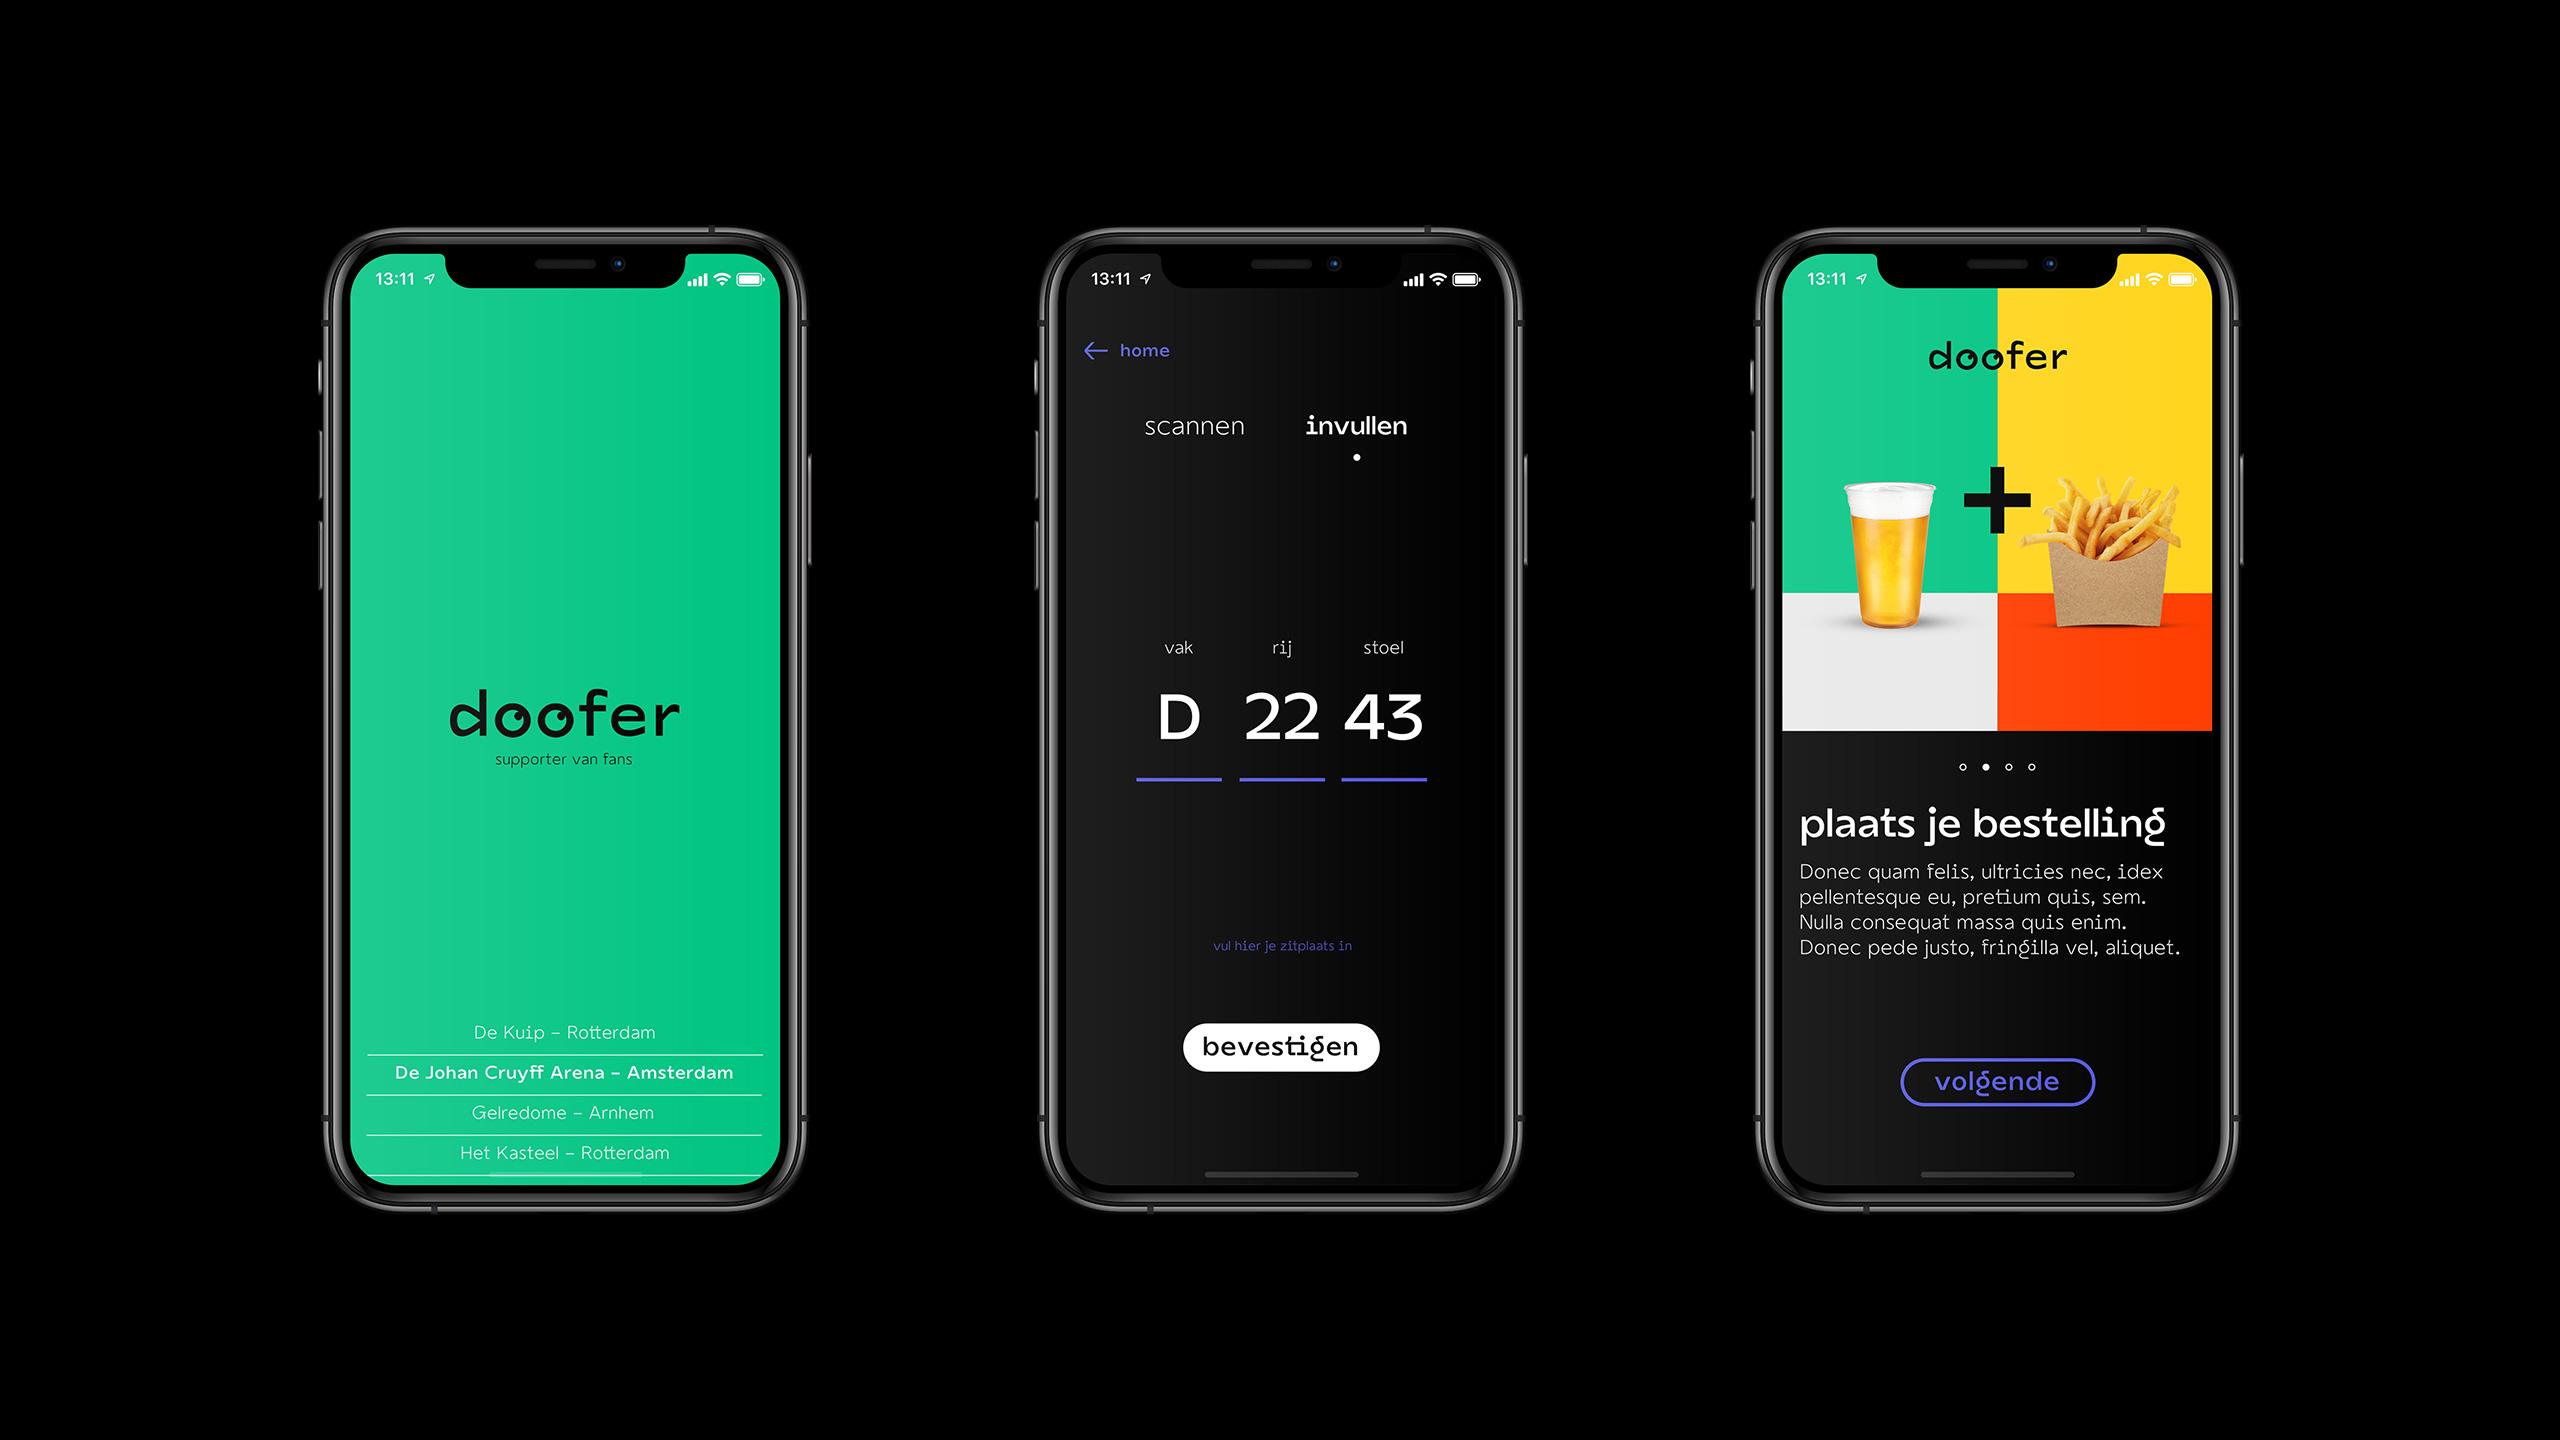 Doofer app screens